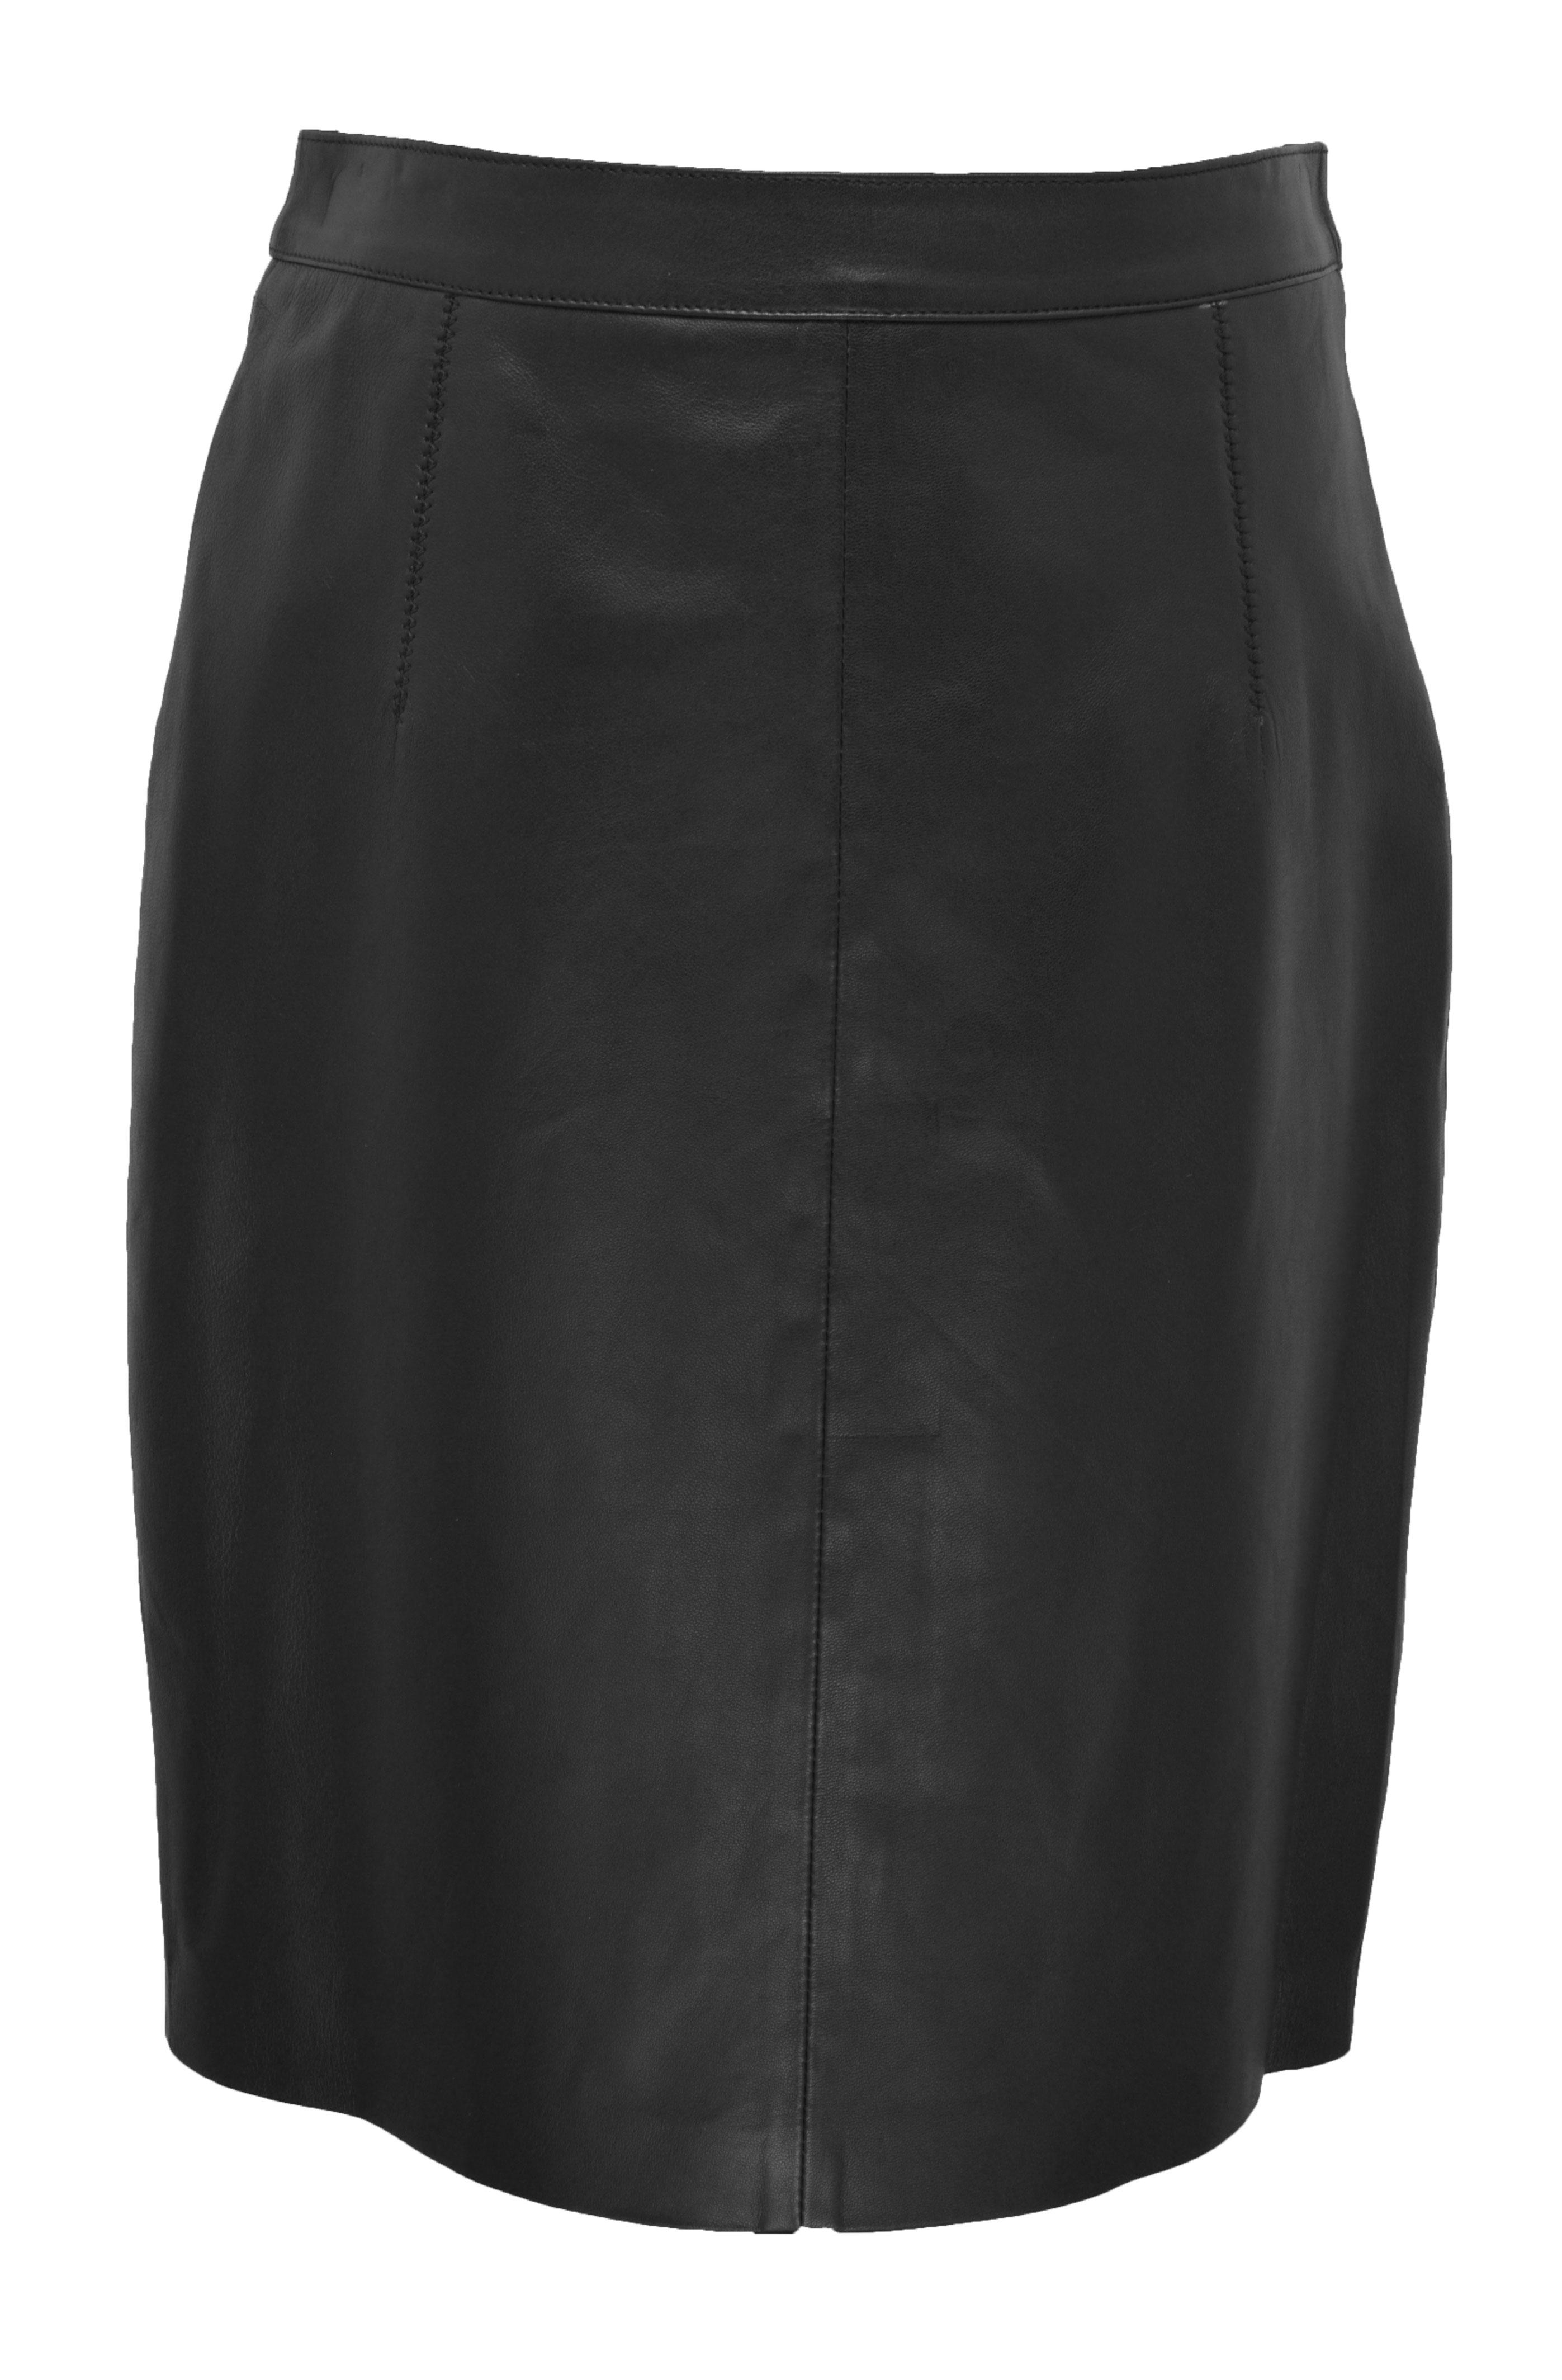 Vêtement en cuir Robes & jupes cuir noir